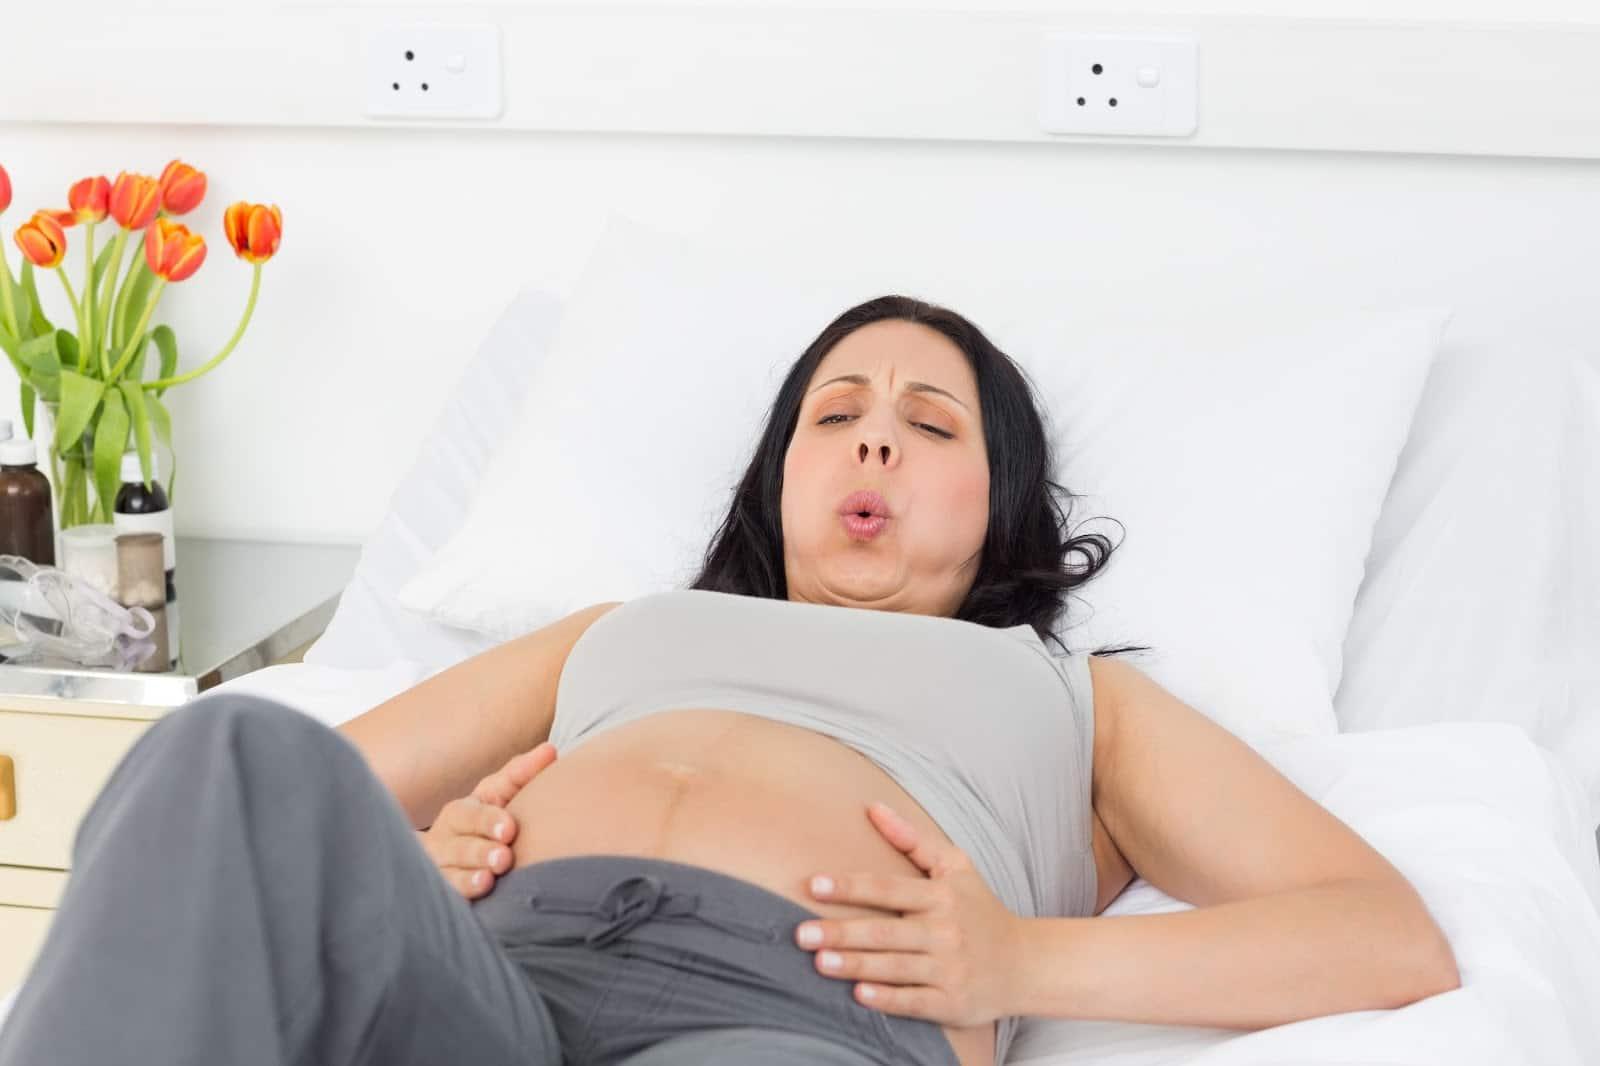 Картинки беременных при схватках